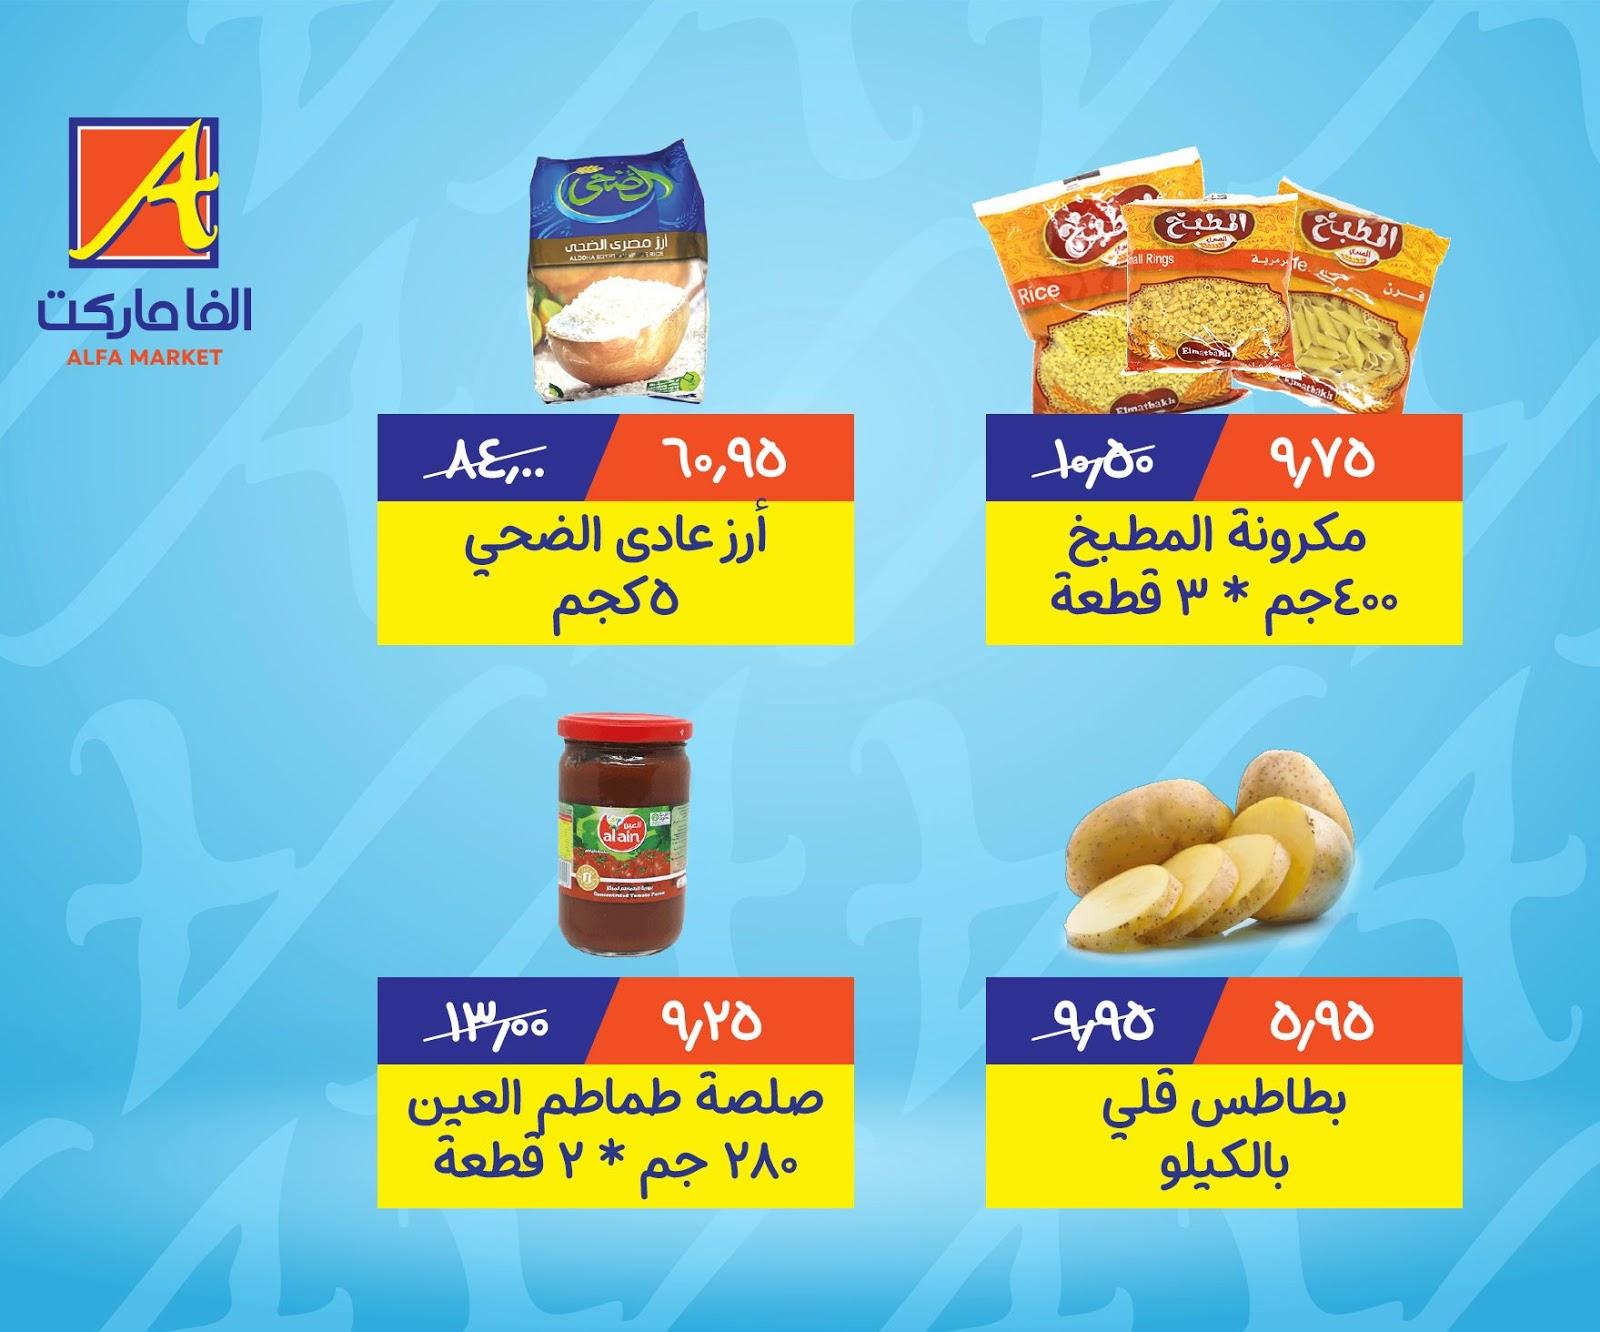 عروض الفا ماركت من 26 مارس 2020 حتى نفاذ الكمية رمضان كريم